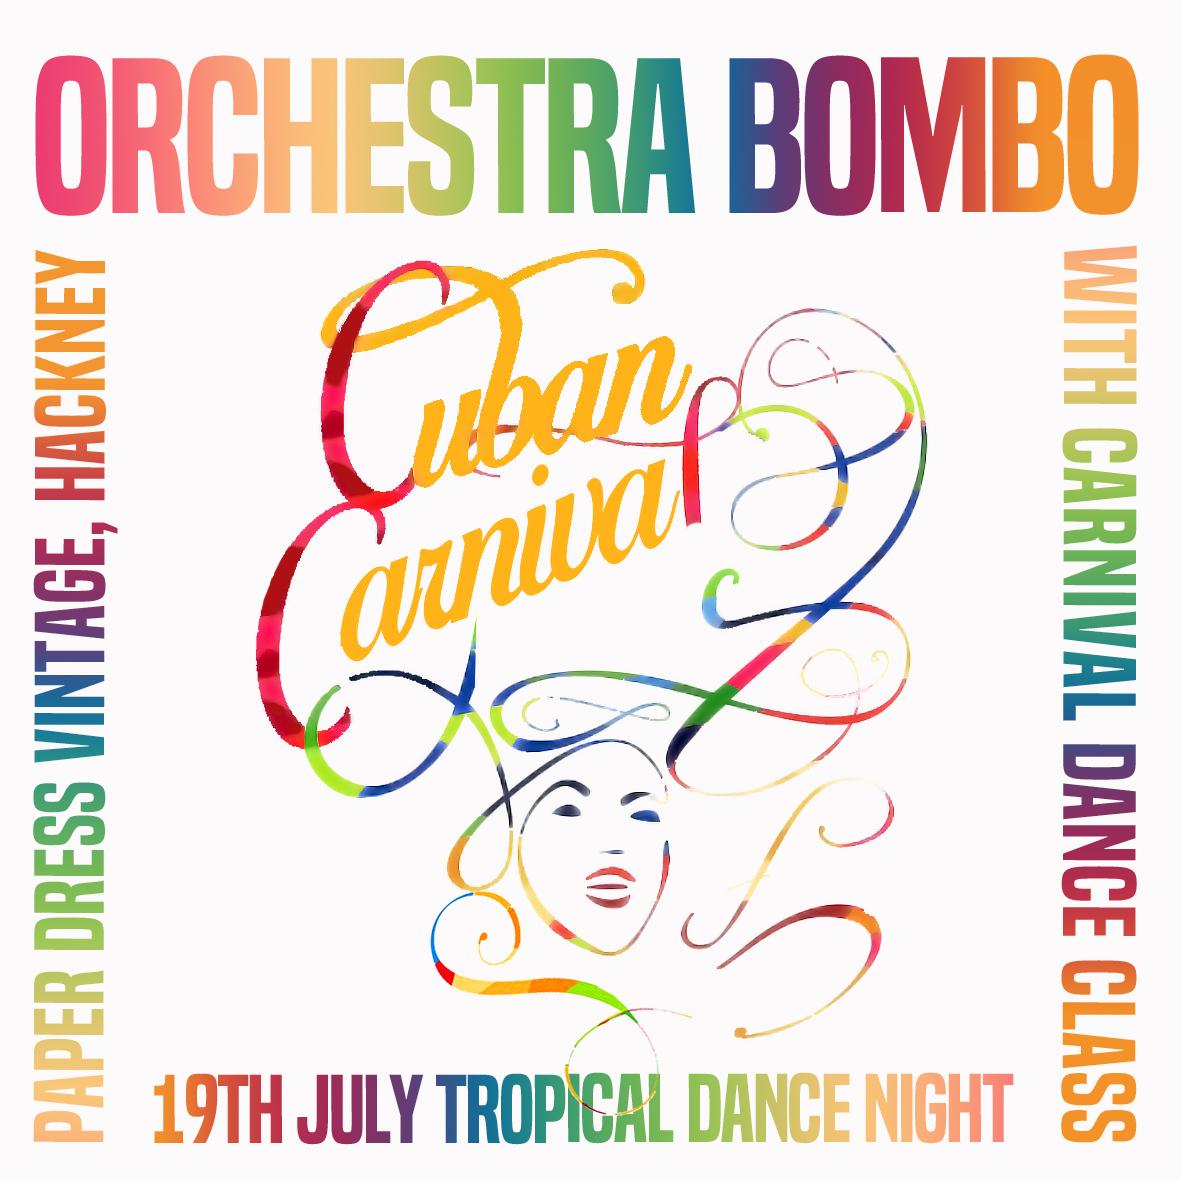 Bombo's Cuban Carnival Night